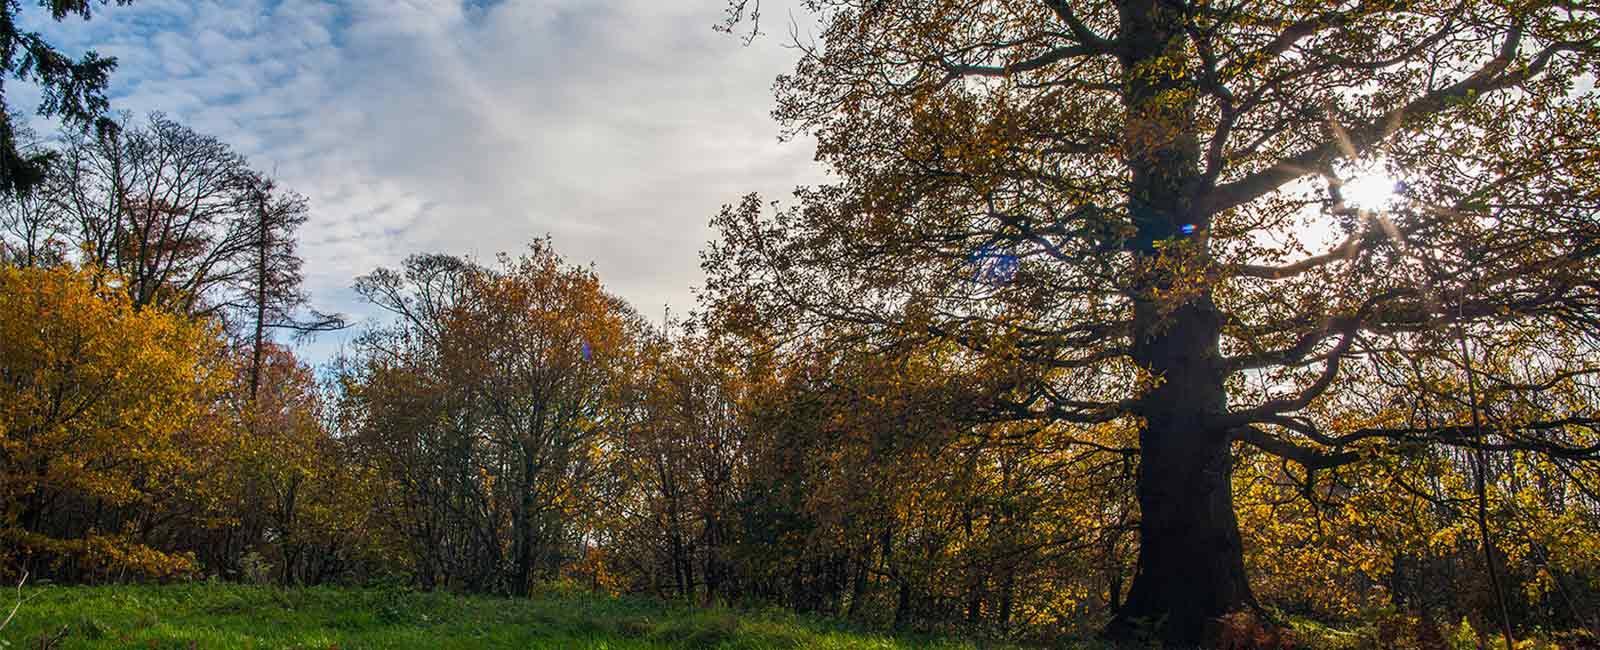 slider-woodlands-on-the-estates.jpg.webp